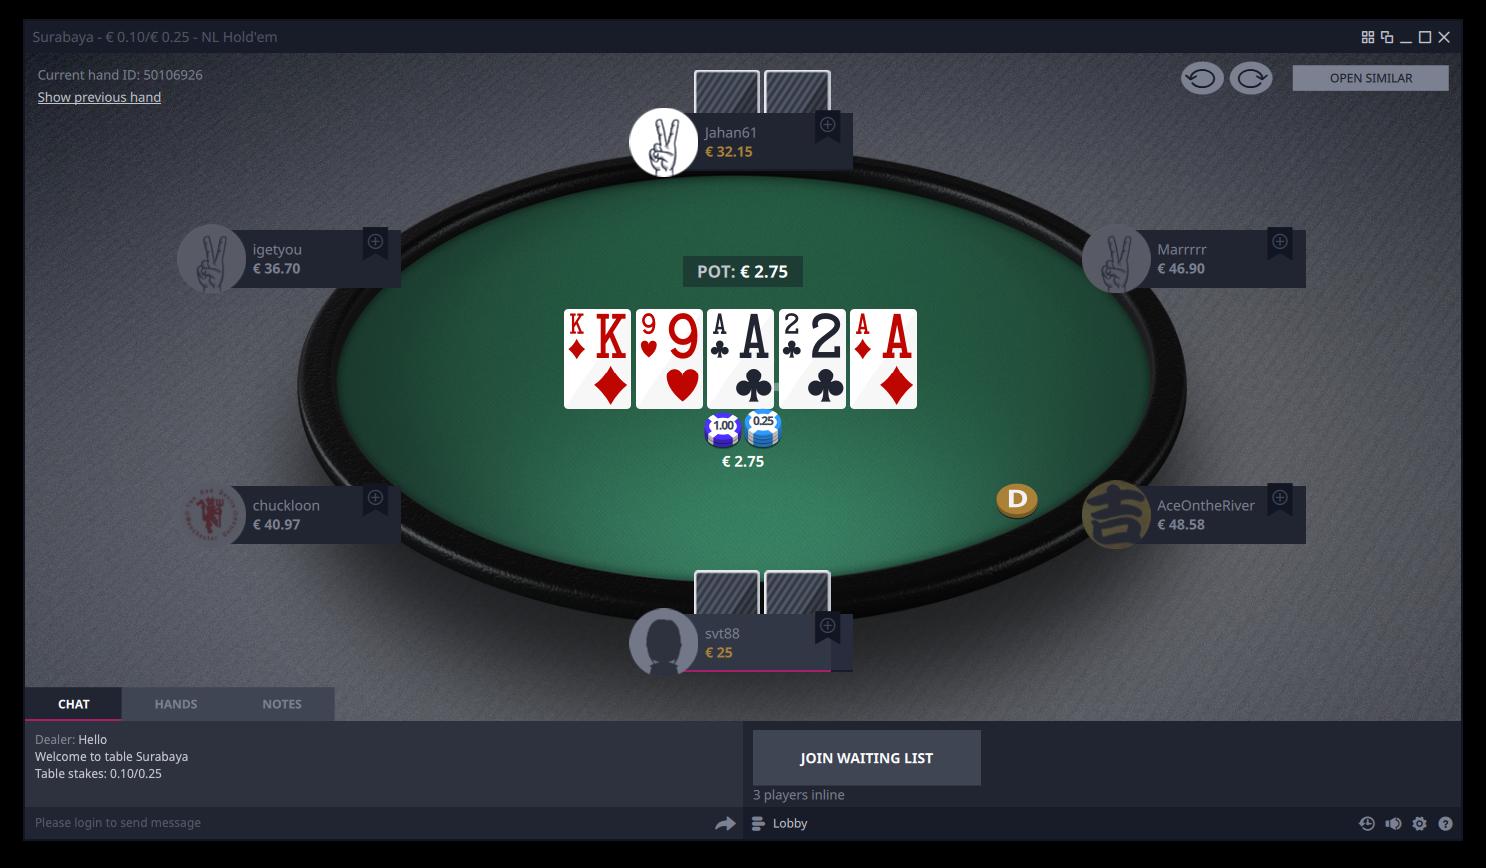 Vbet Poker Table Holdem